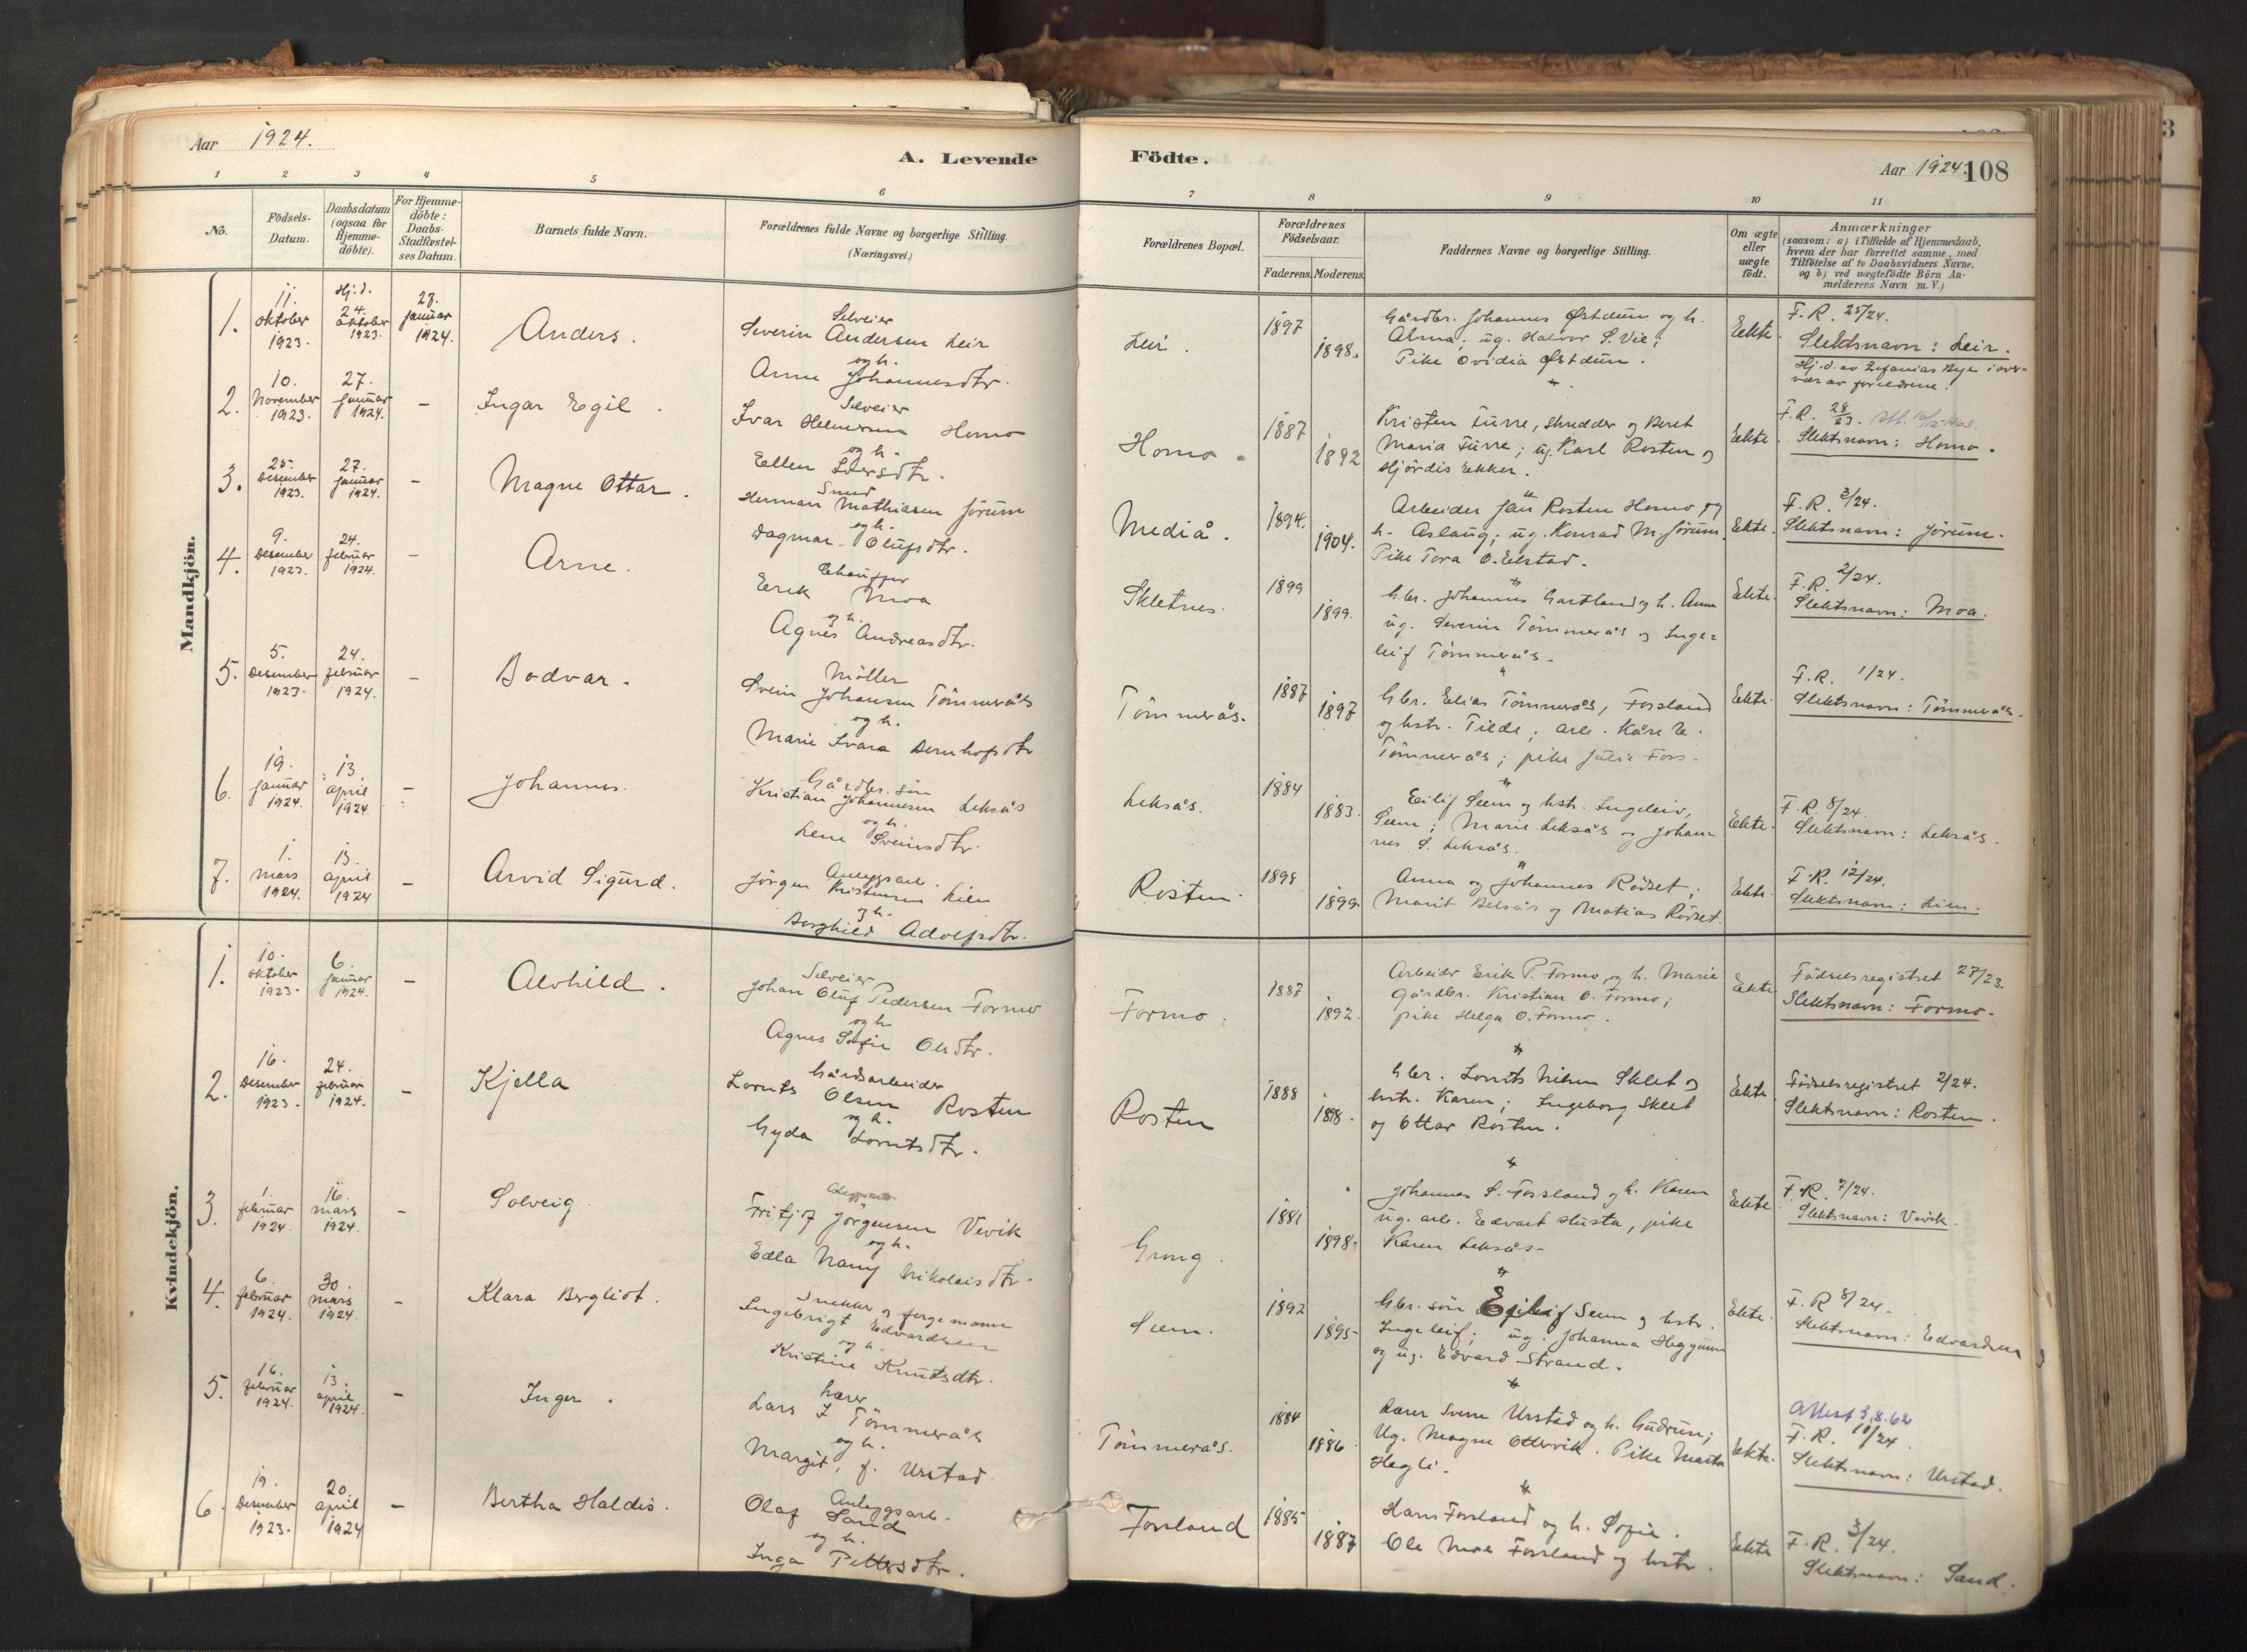 SAT, Ministerialprotokoller, klokkerbøker og fødselsregistre - Nord-Trøndelag, 758/L0519: Ministerialbok nr. 758A04, 1880-1926, s. 108